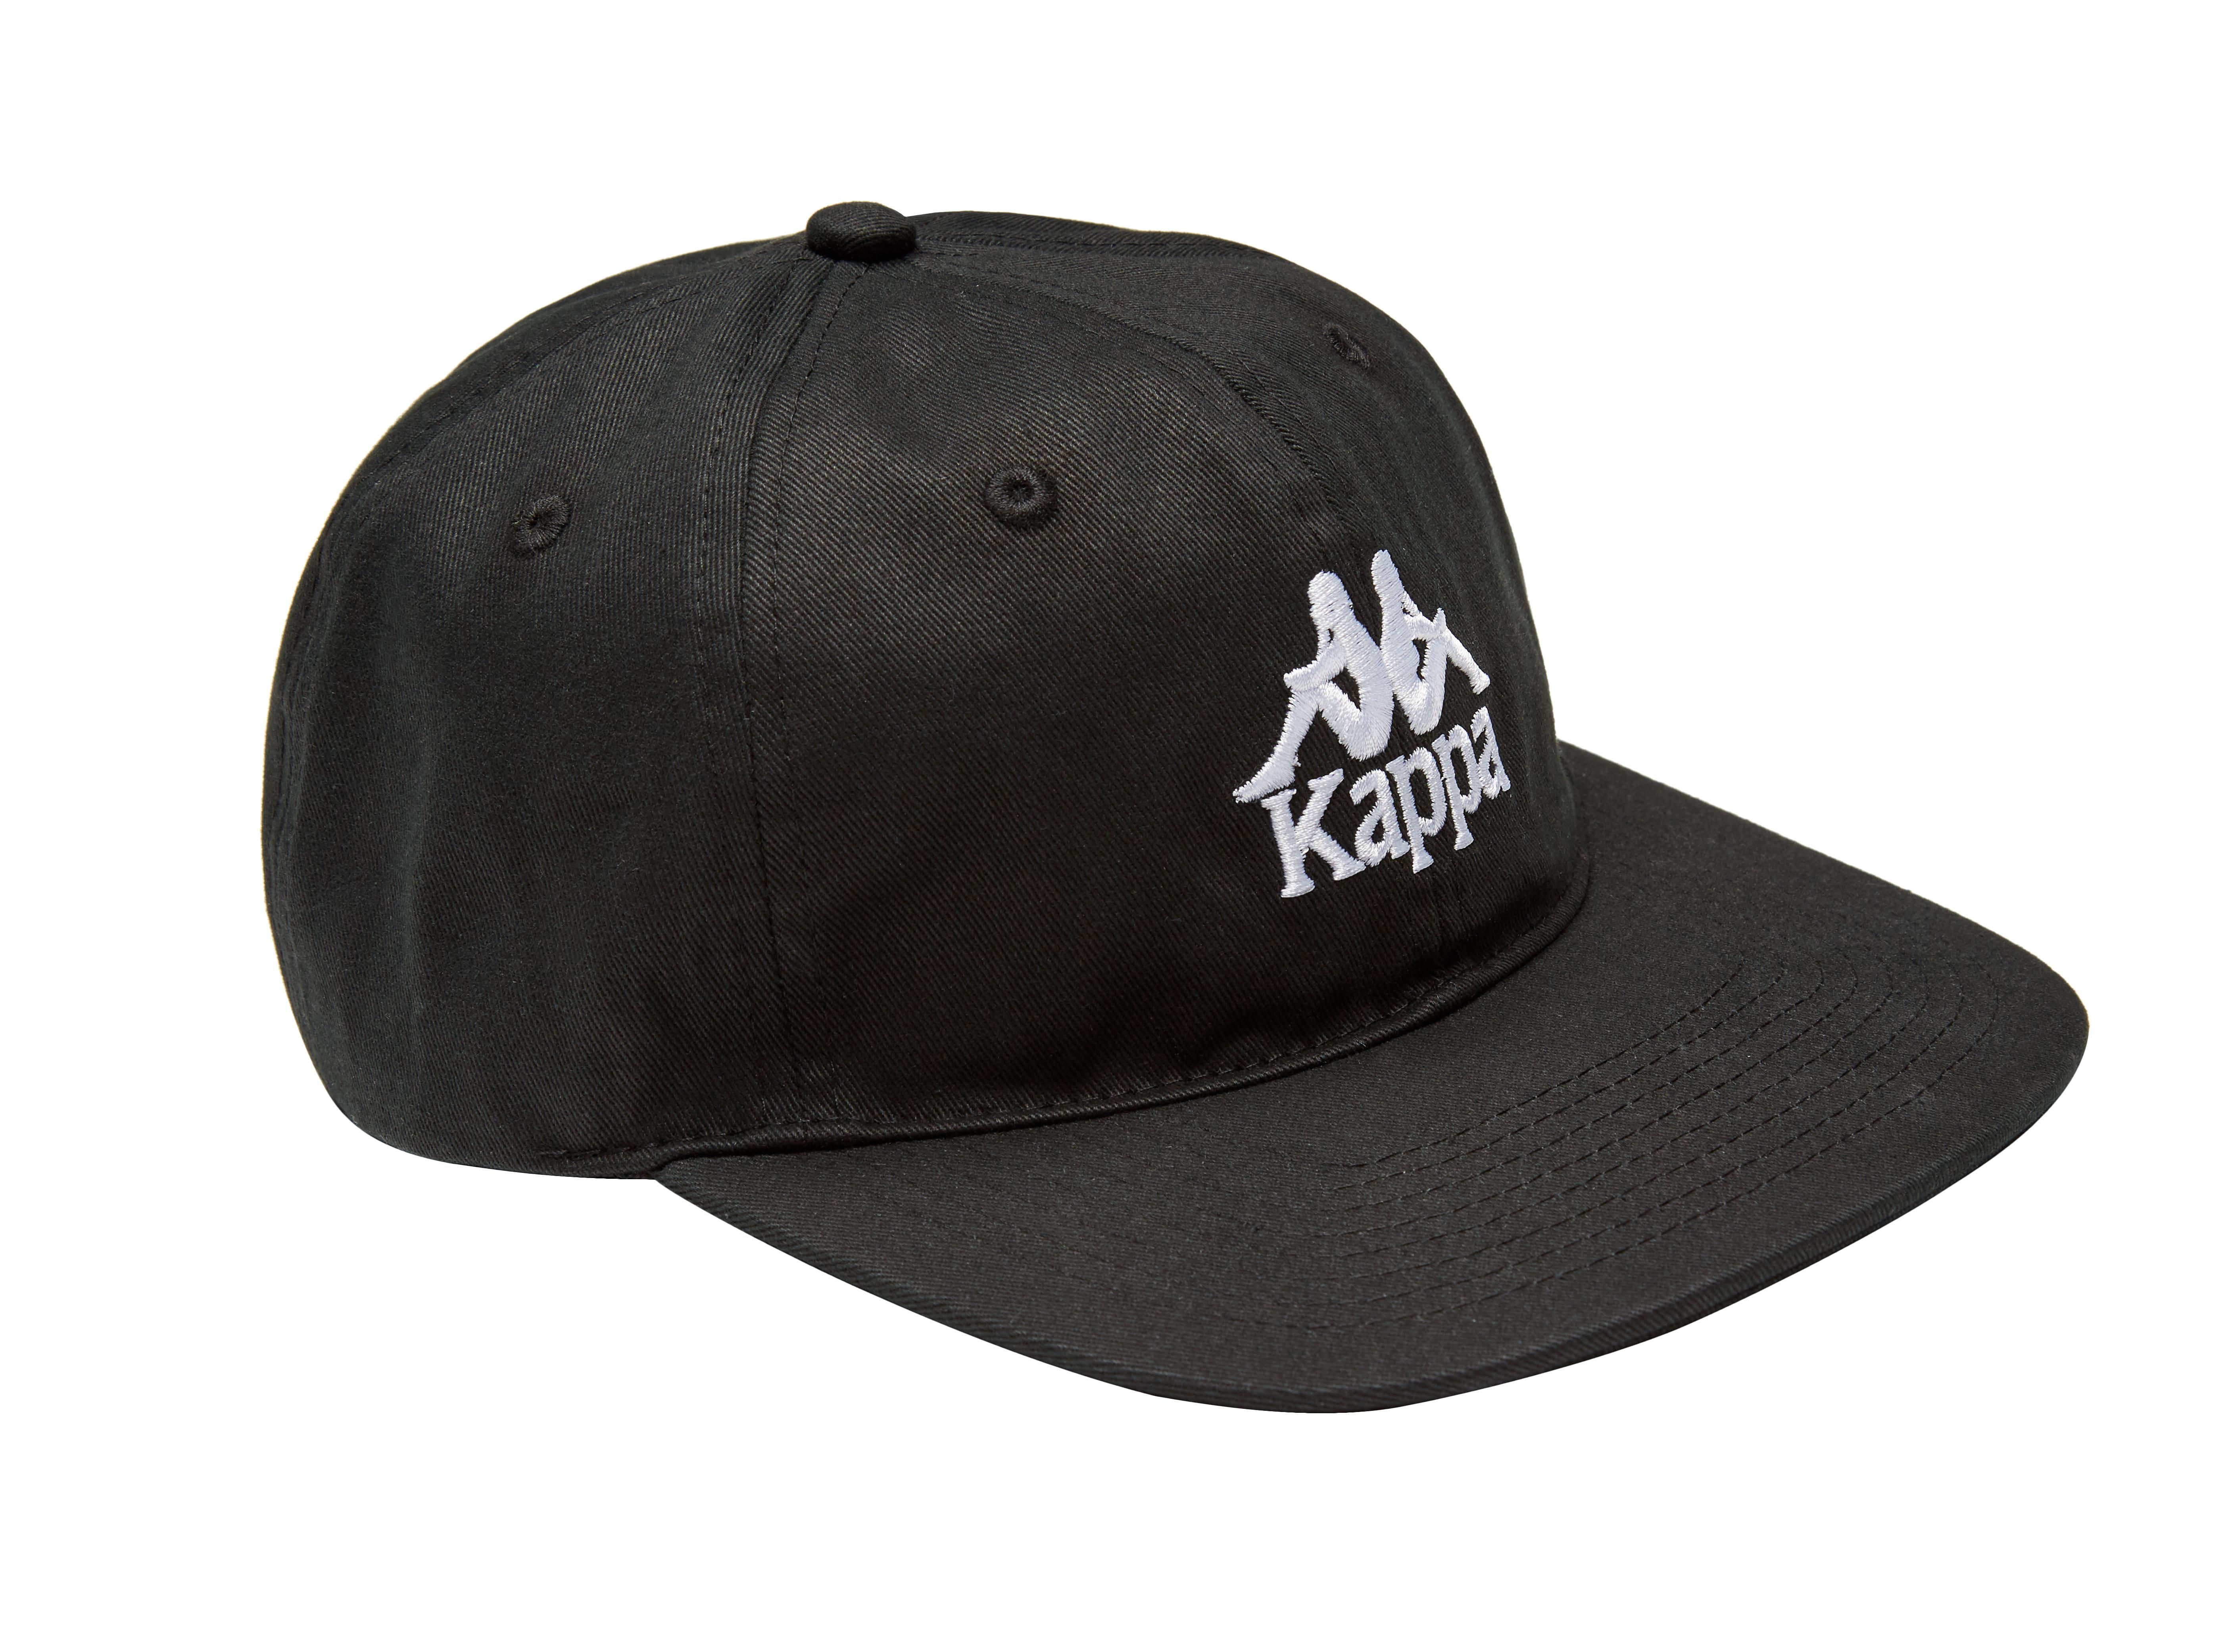 SSENSE_Kappa_SSENSE Exclusive Black Kappa Cap